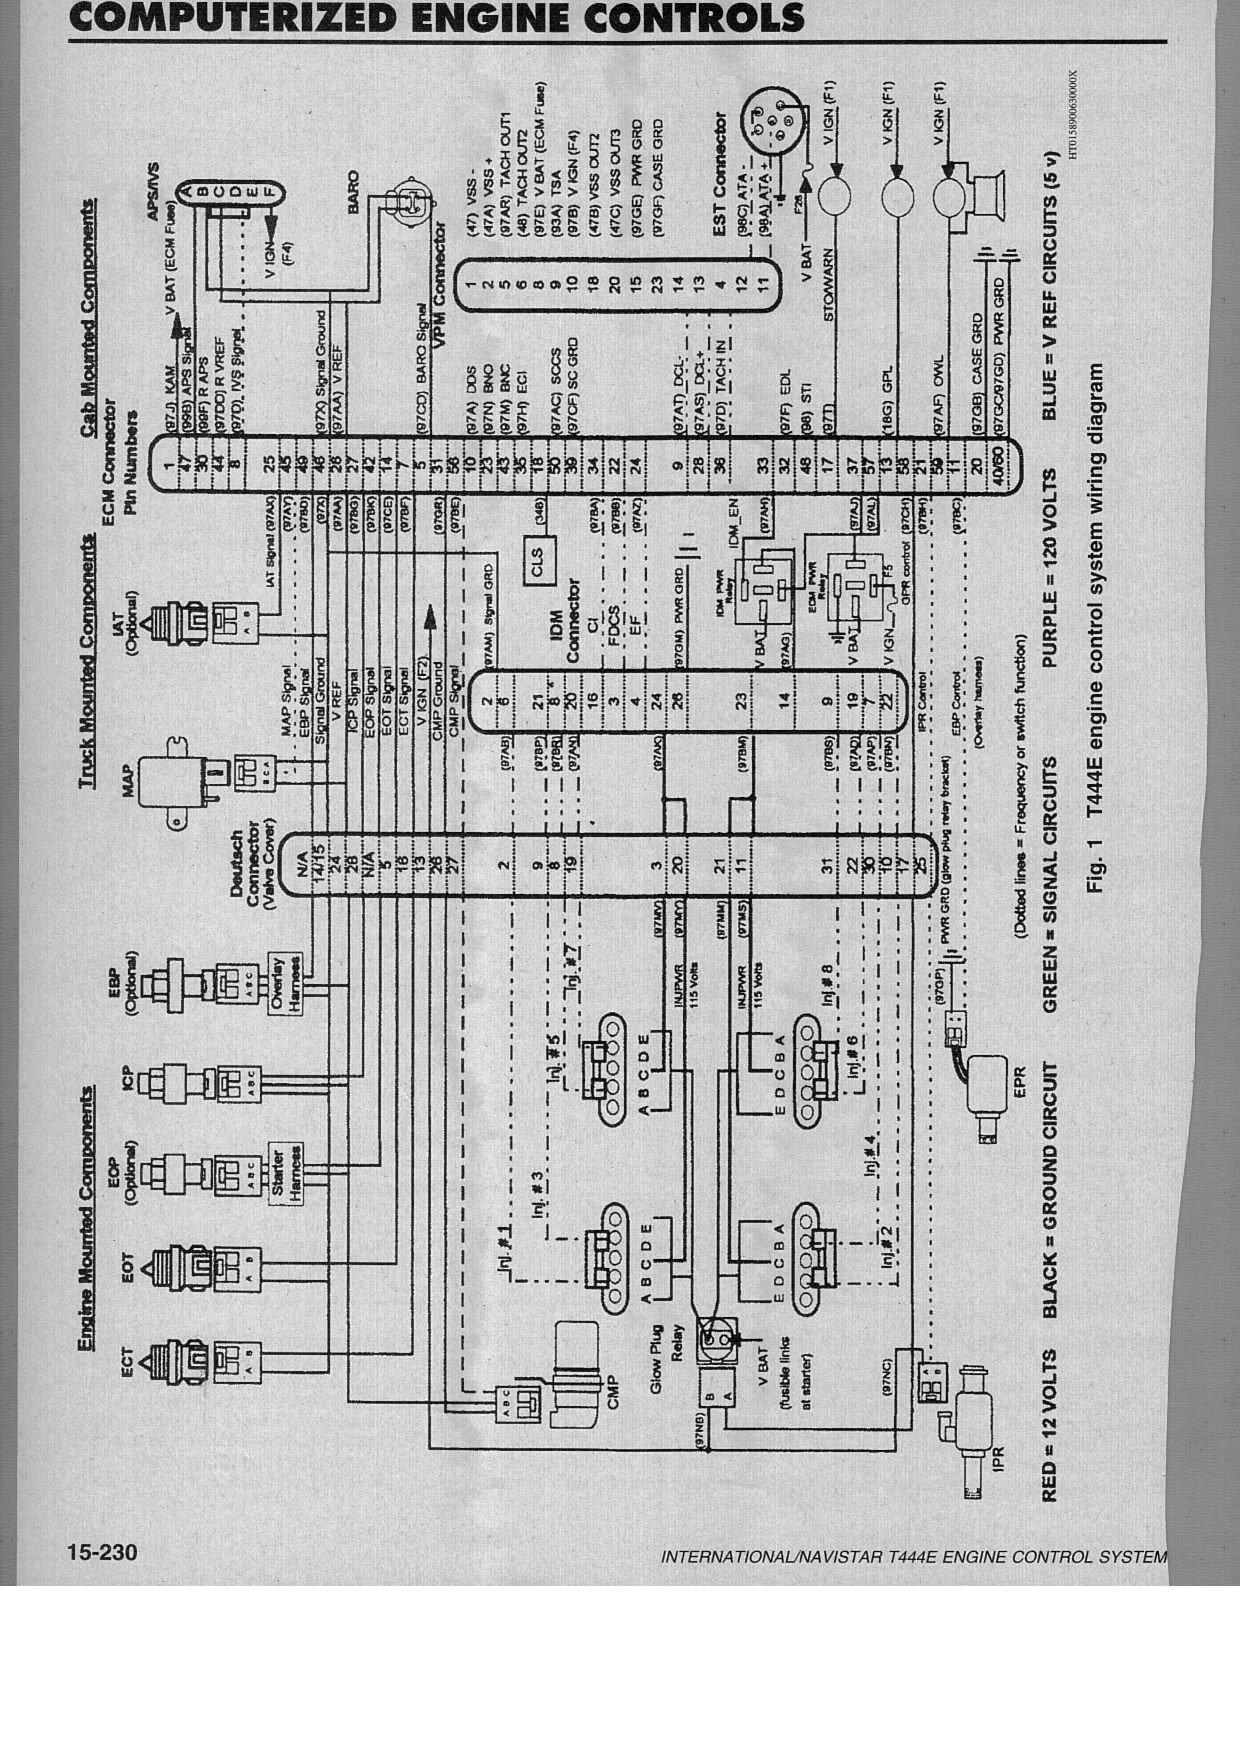 2000 International 3800 Series Wiring Diagram Wiring Diagram Of Honda Xrm 125 Bege Wiring Diagram